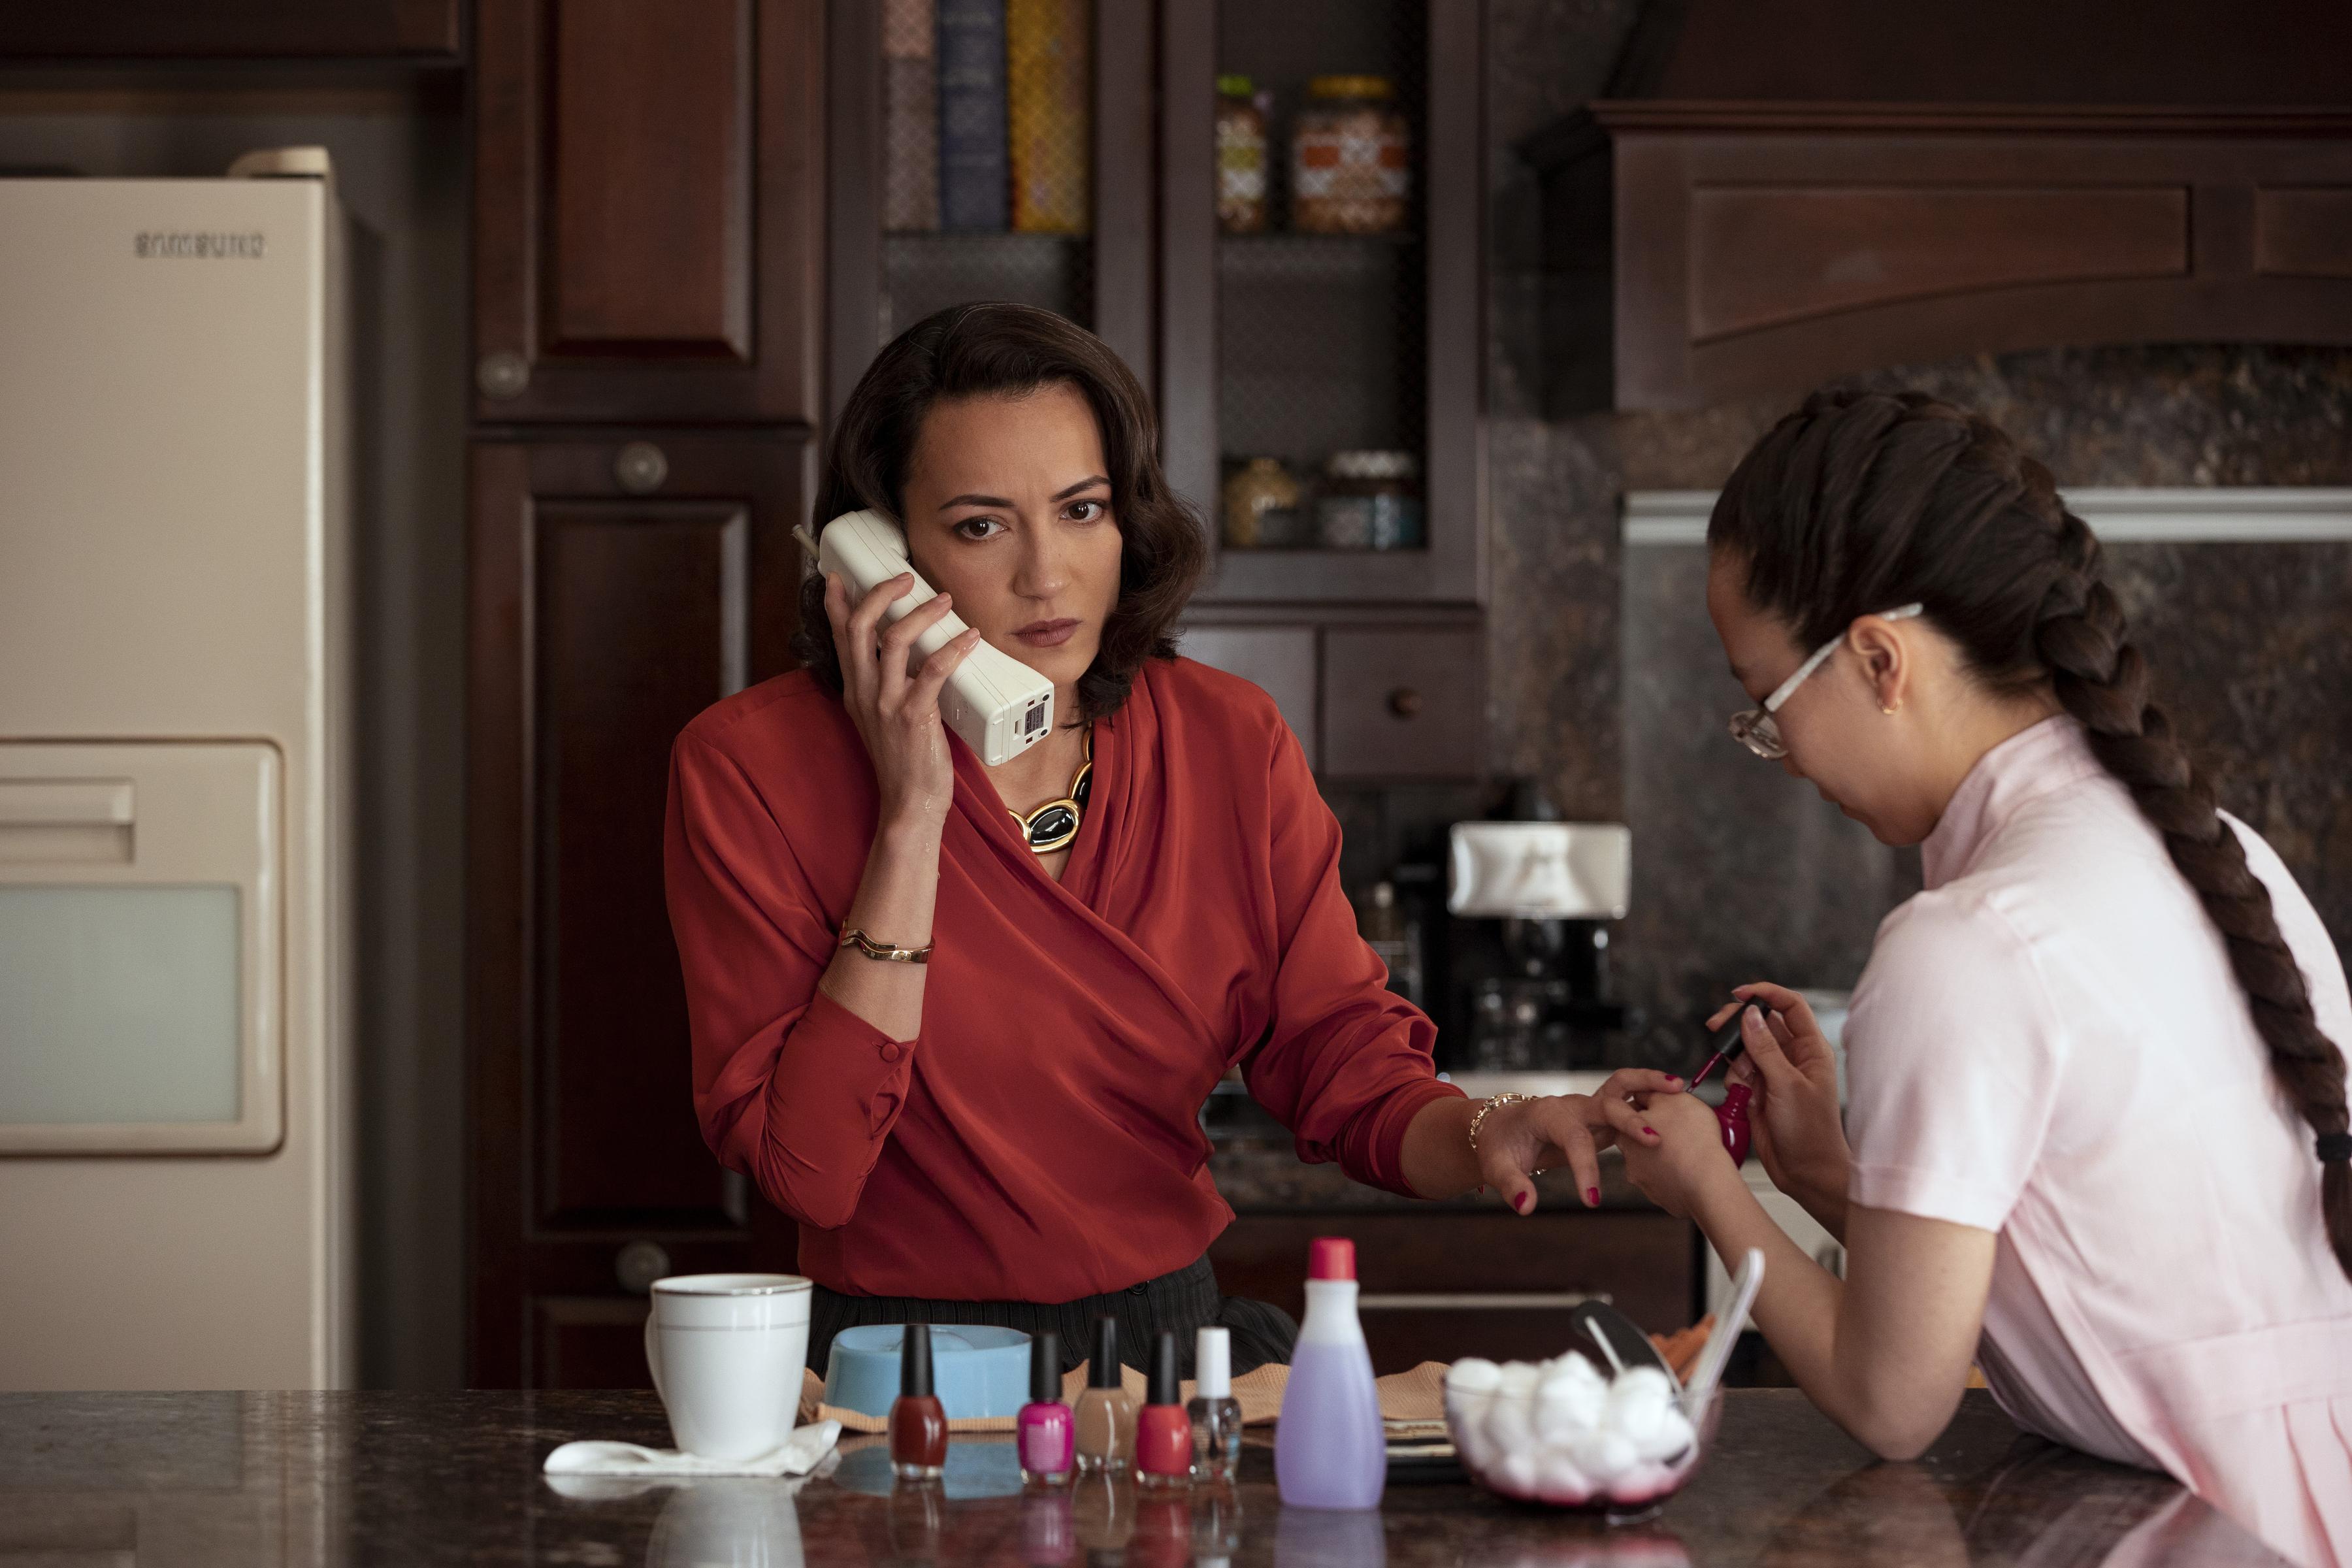 NARCOS MEXICO (L to R) MAYRA HERMOSILLO as ENEDINA ARELLANO FELIX in episode 309 of NARCOS MEXICO Cr. JUAN ROSAS/NETFLIX © 2021